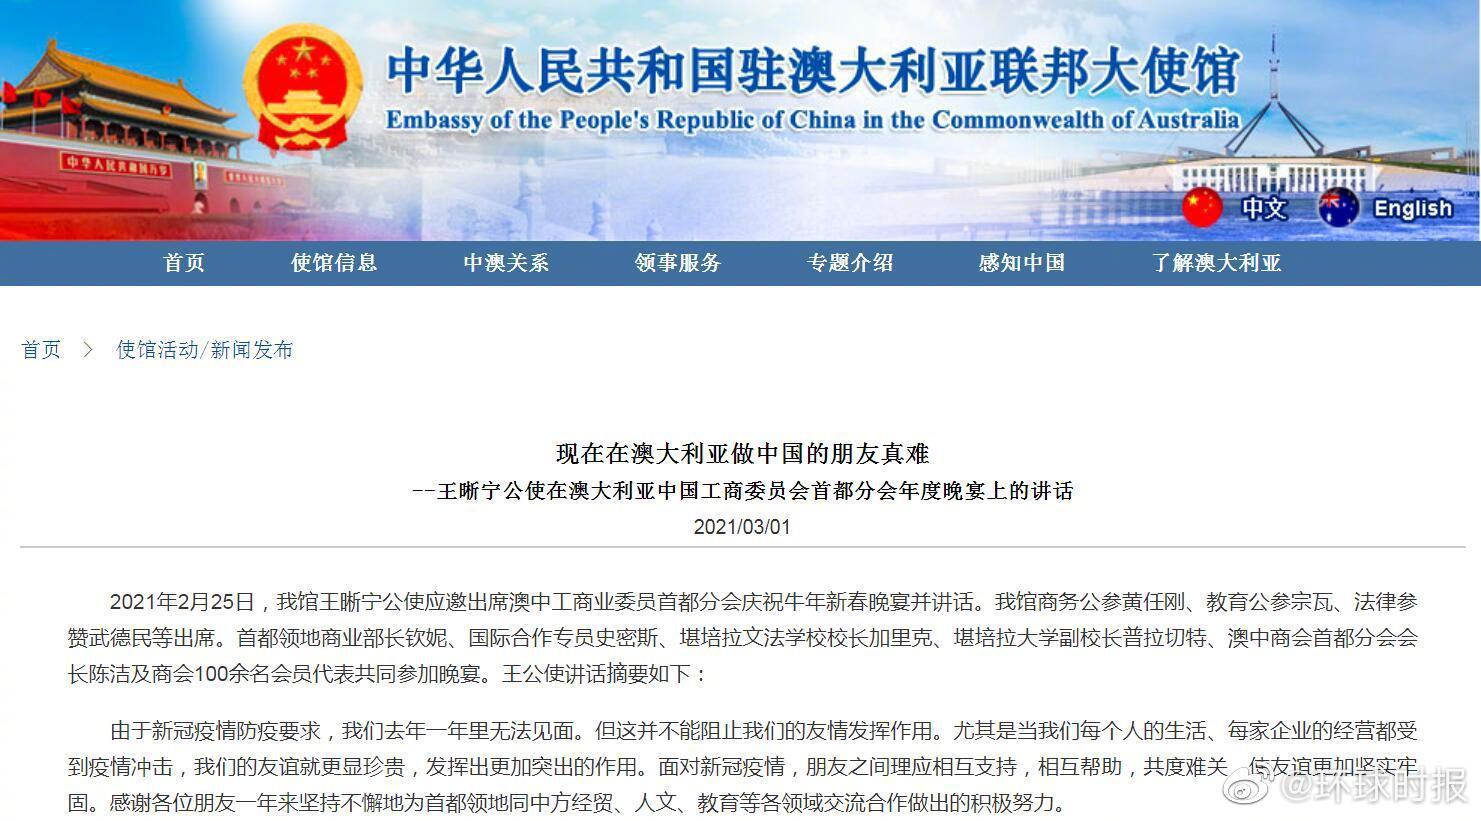 驻澳公使王晰宁:现在在澳大利亚做中国的朋友真难